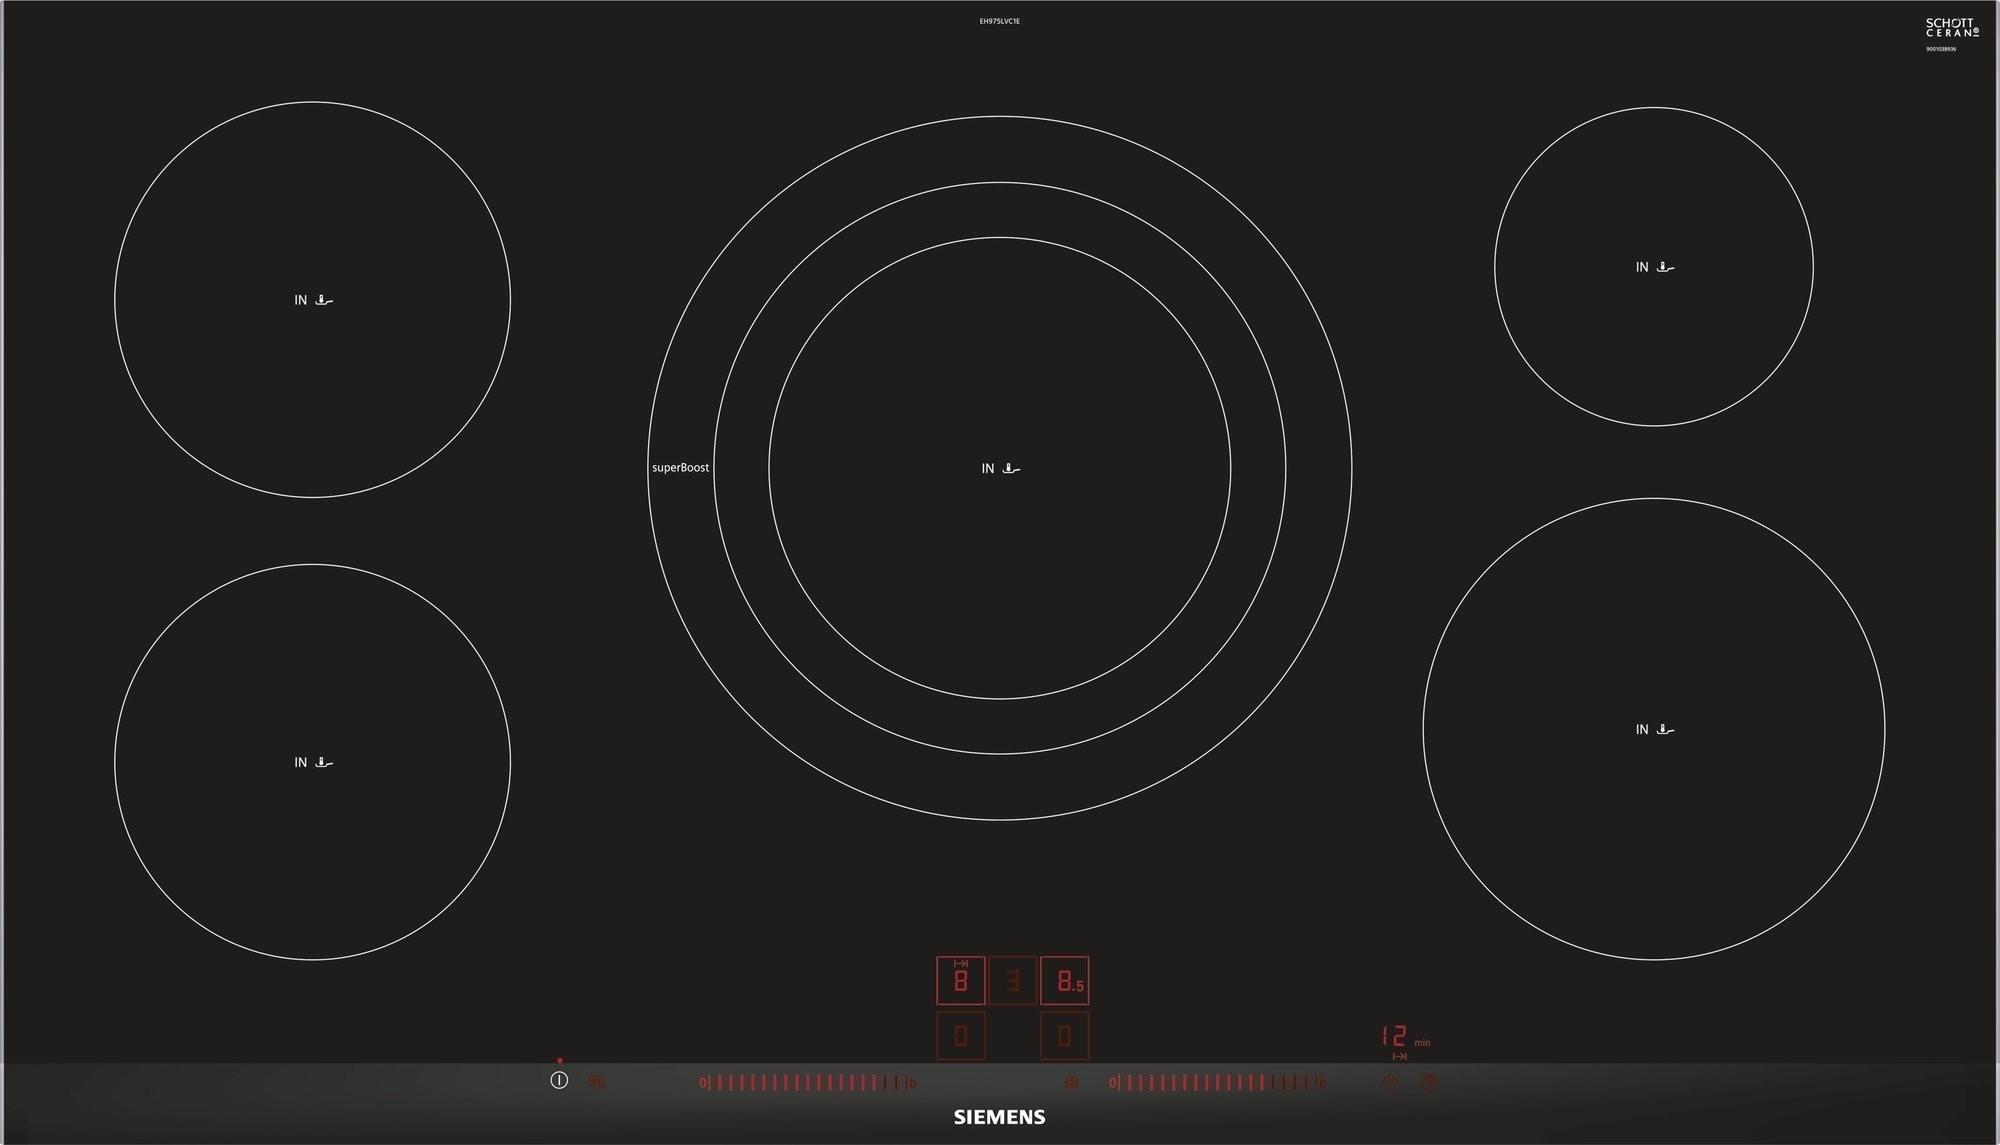 siemens eh975lvc1e inbouw inductie kookplaat. Black Bedroom Furniture Sets. Home Design Ideas